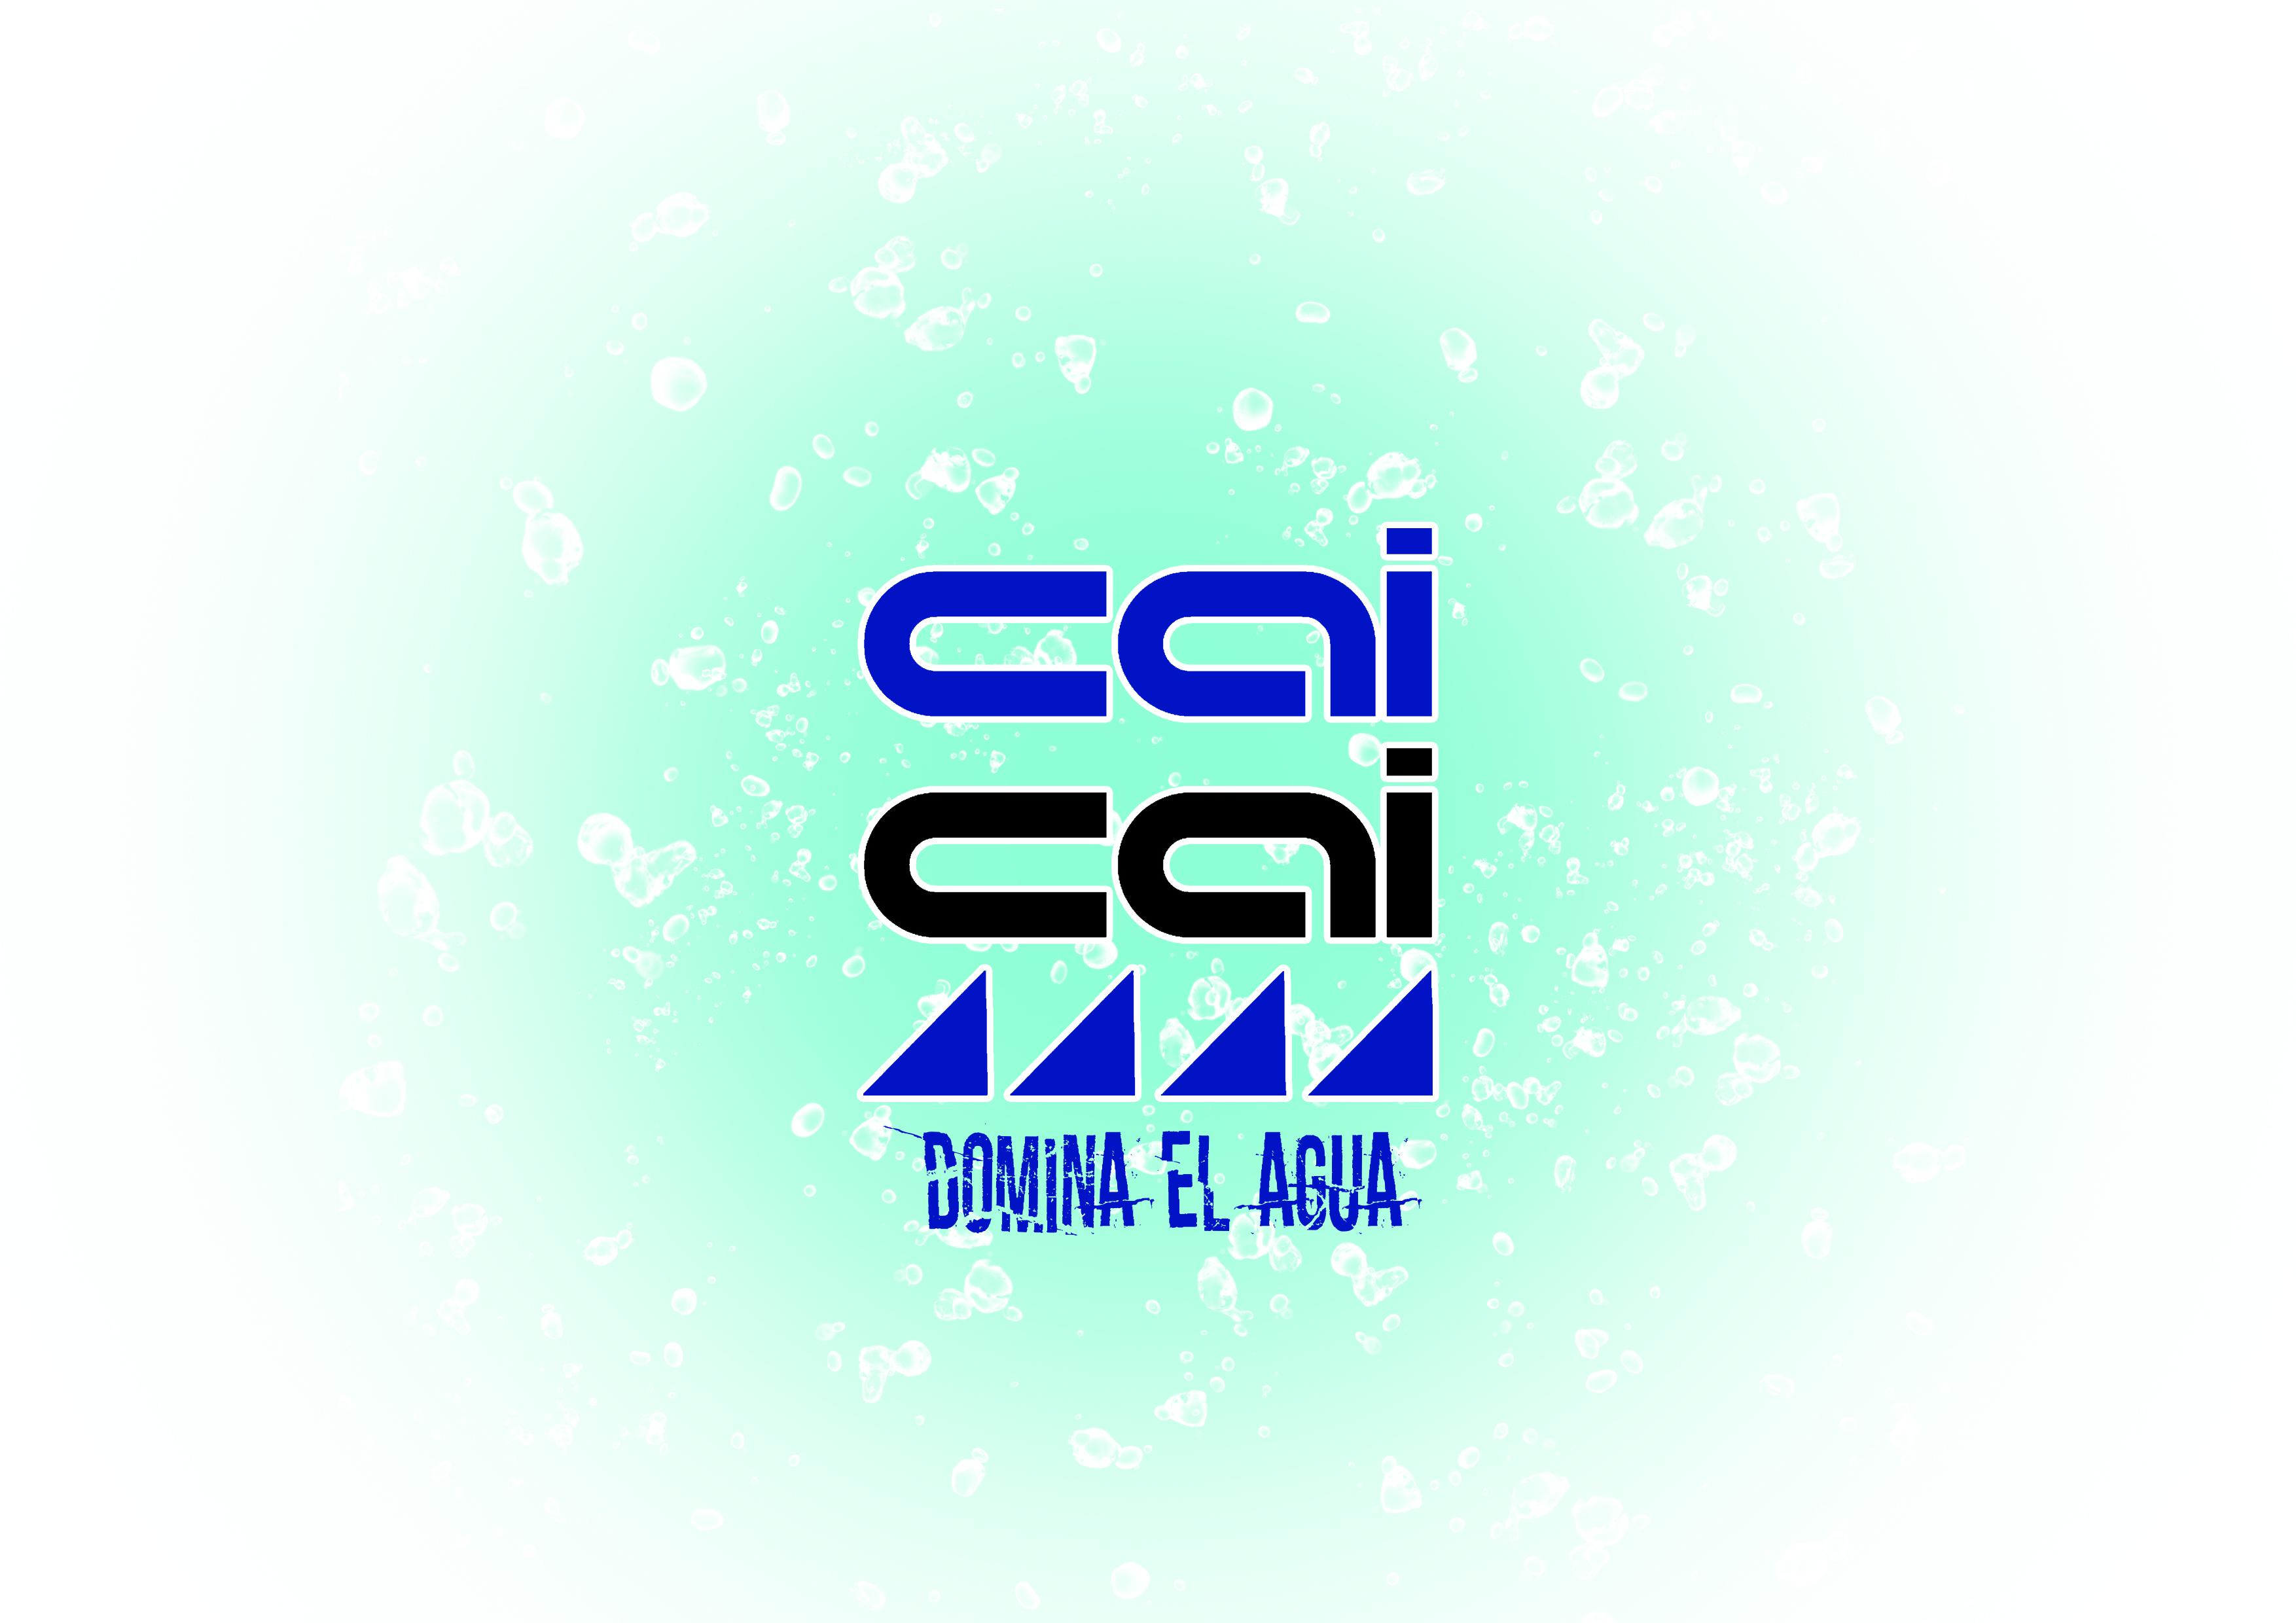 cabecera-web-caicai-1